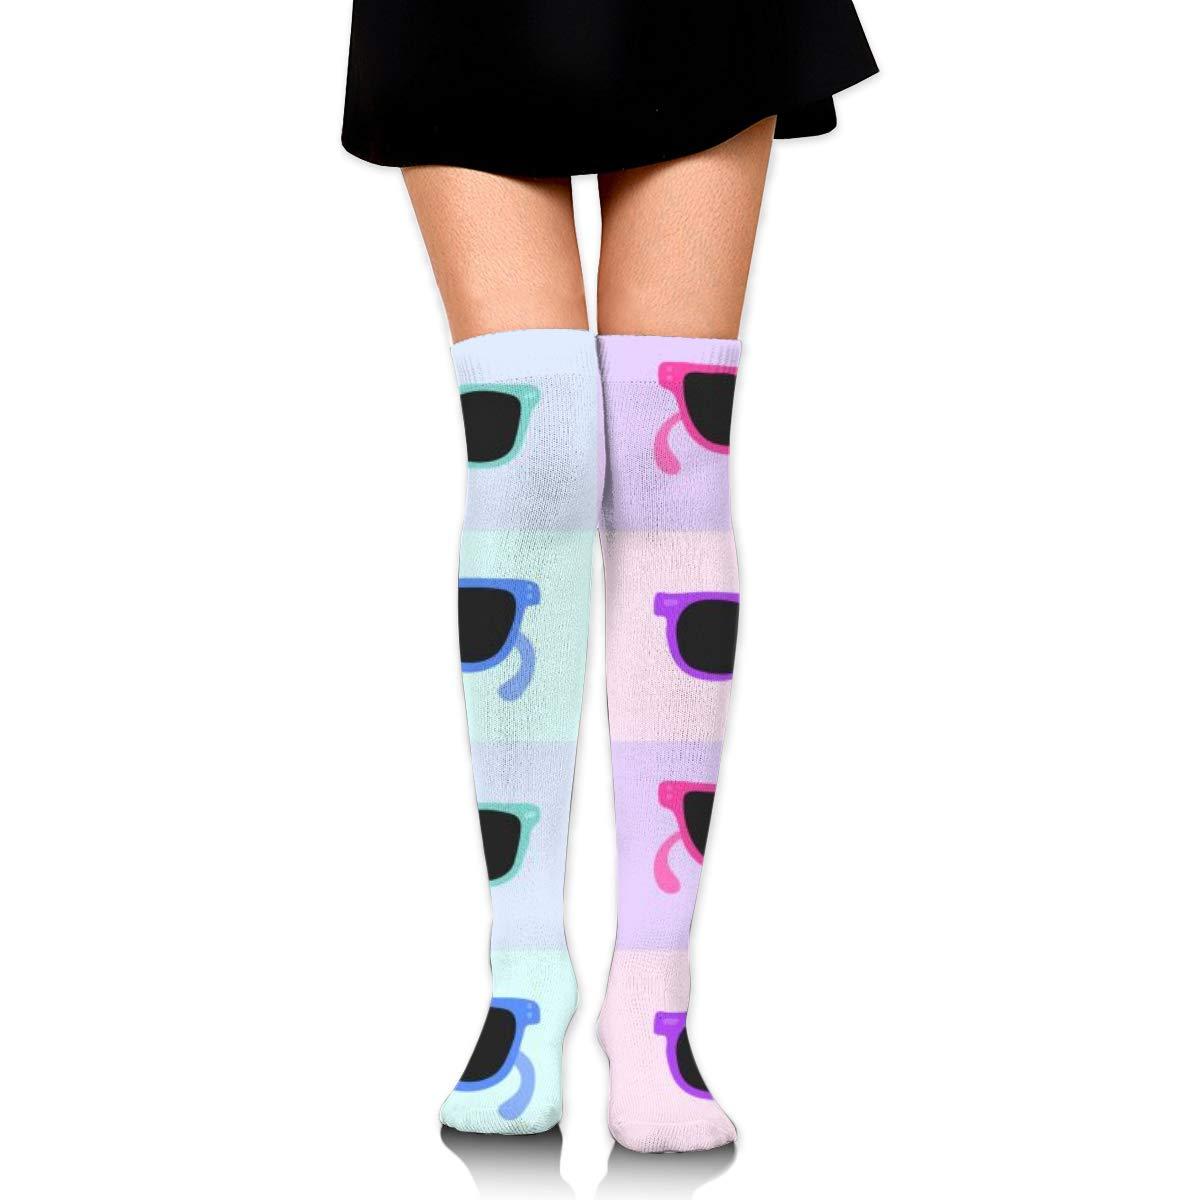 Kjaoi Girl Skirt Socks Uniform Colorful Sunglasses Women Tube Socks Compression Socks